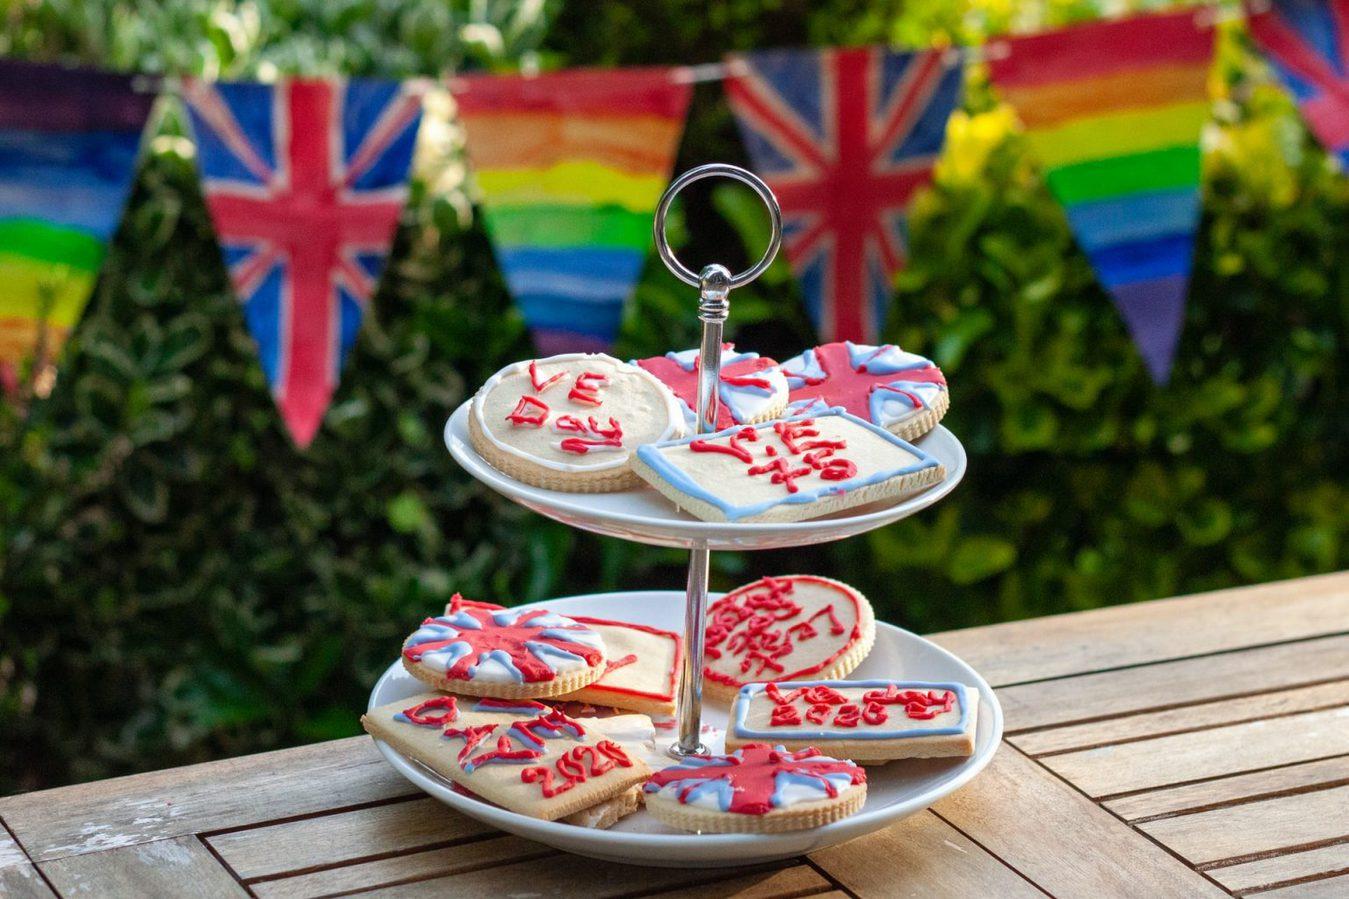 Cookies di piring kue